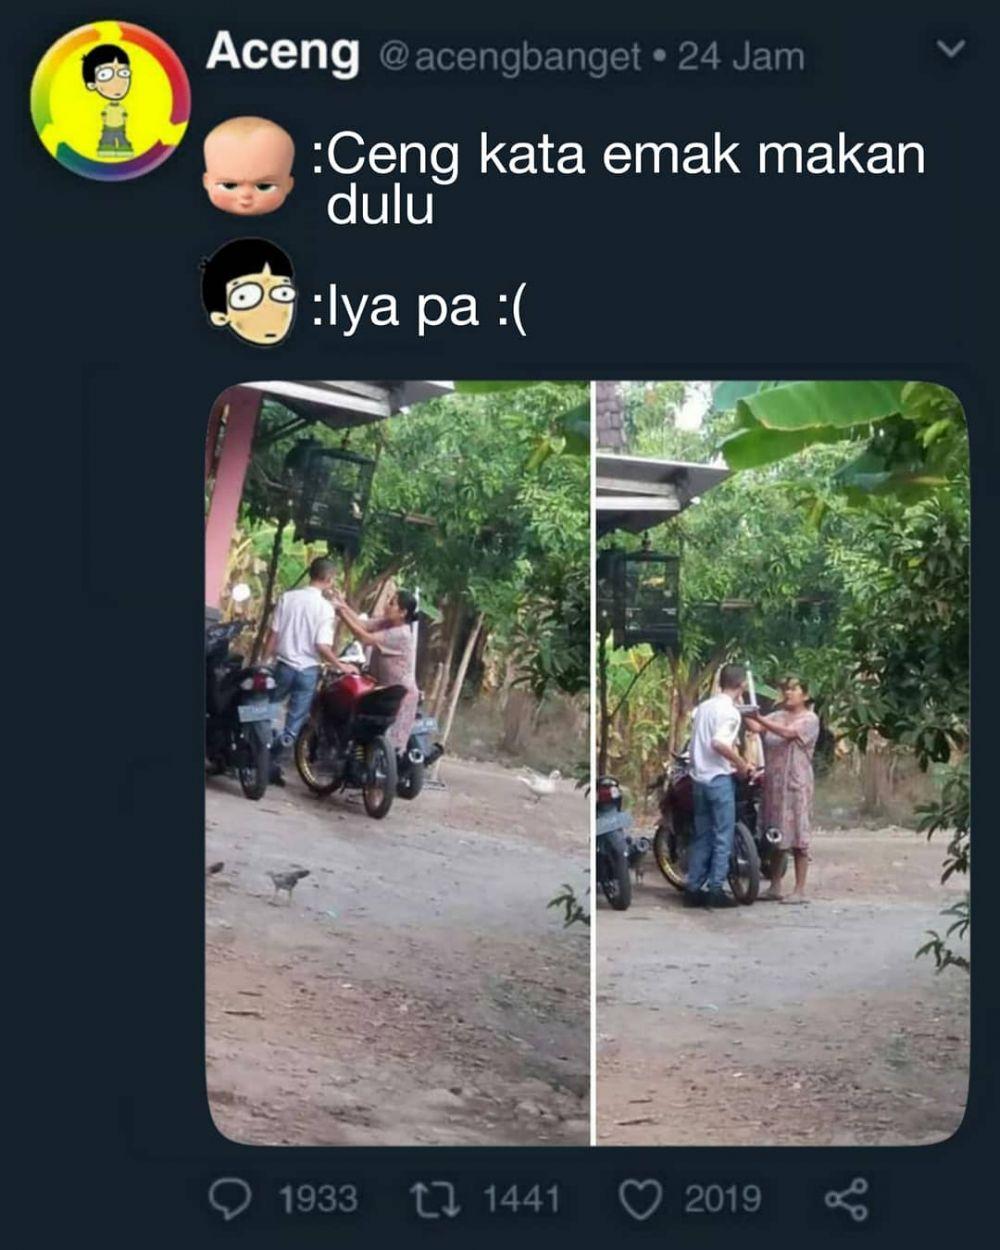 meme lucu nurut kata emak © 2019 berbagai sumber